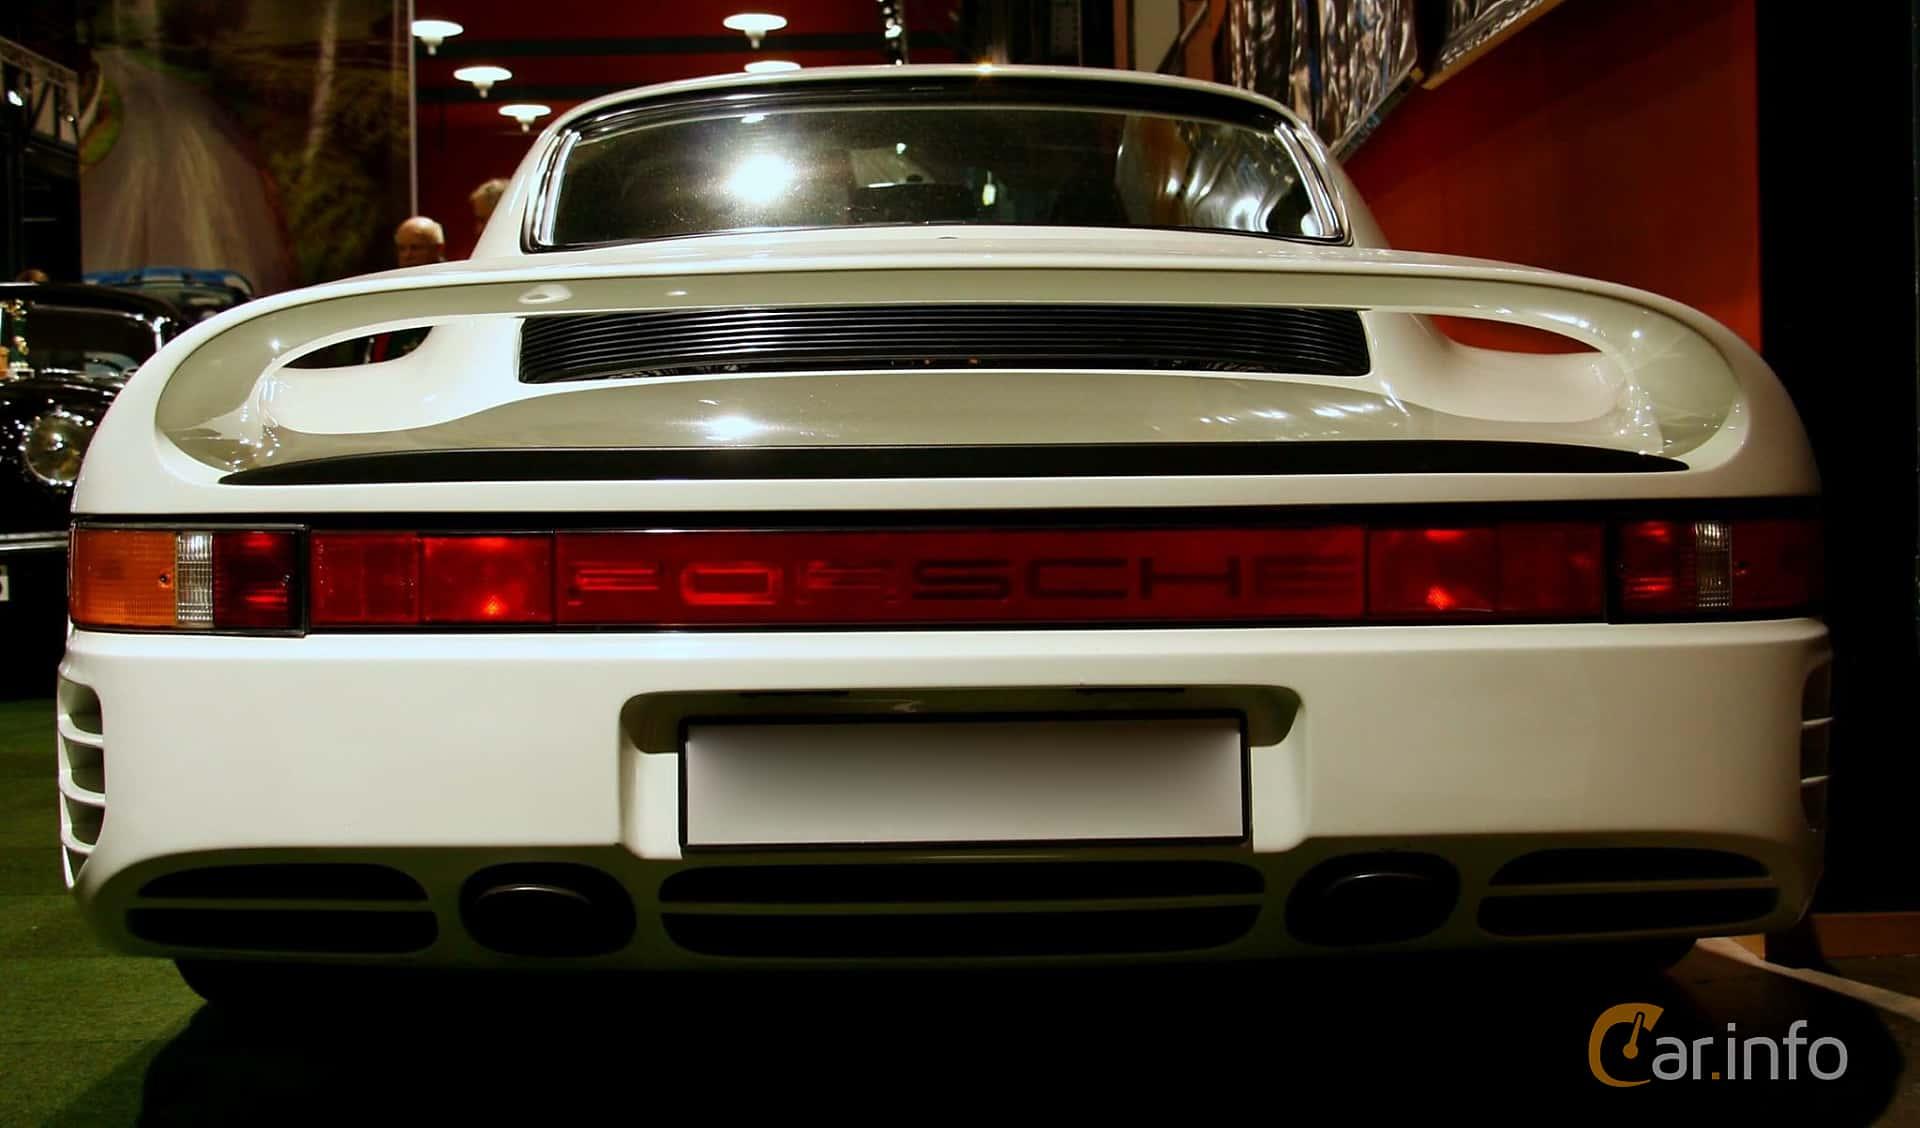 Porsche 959 2.8 4 Manuell, 450hk, 1987